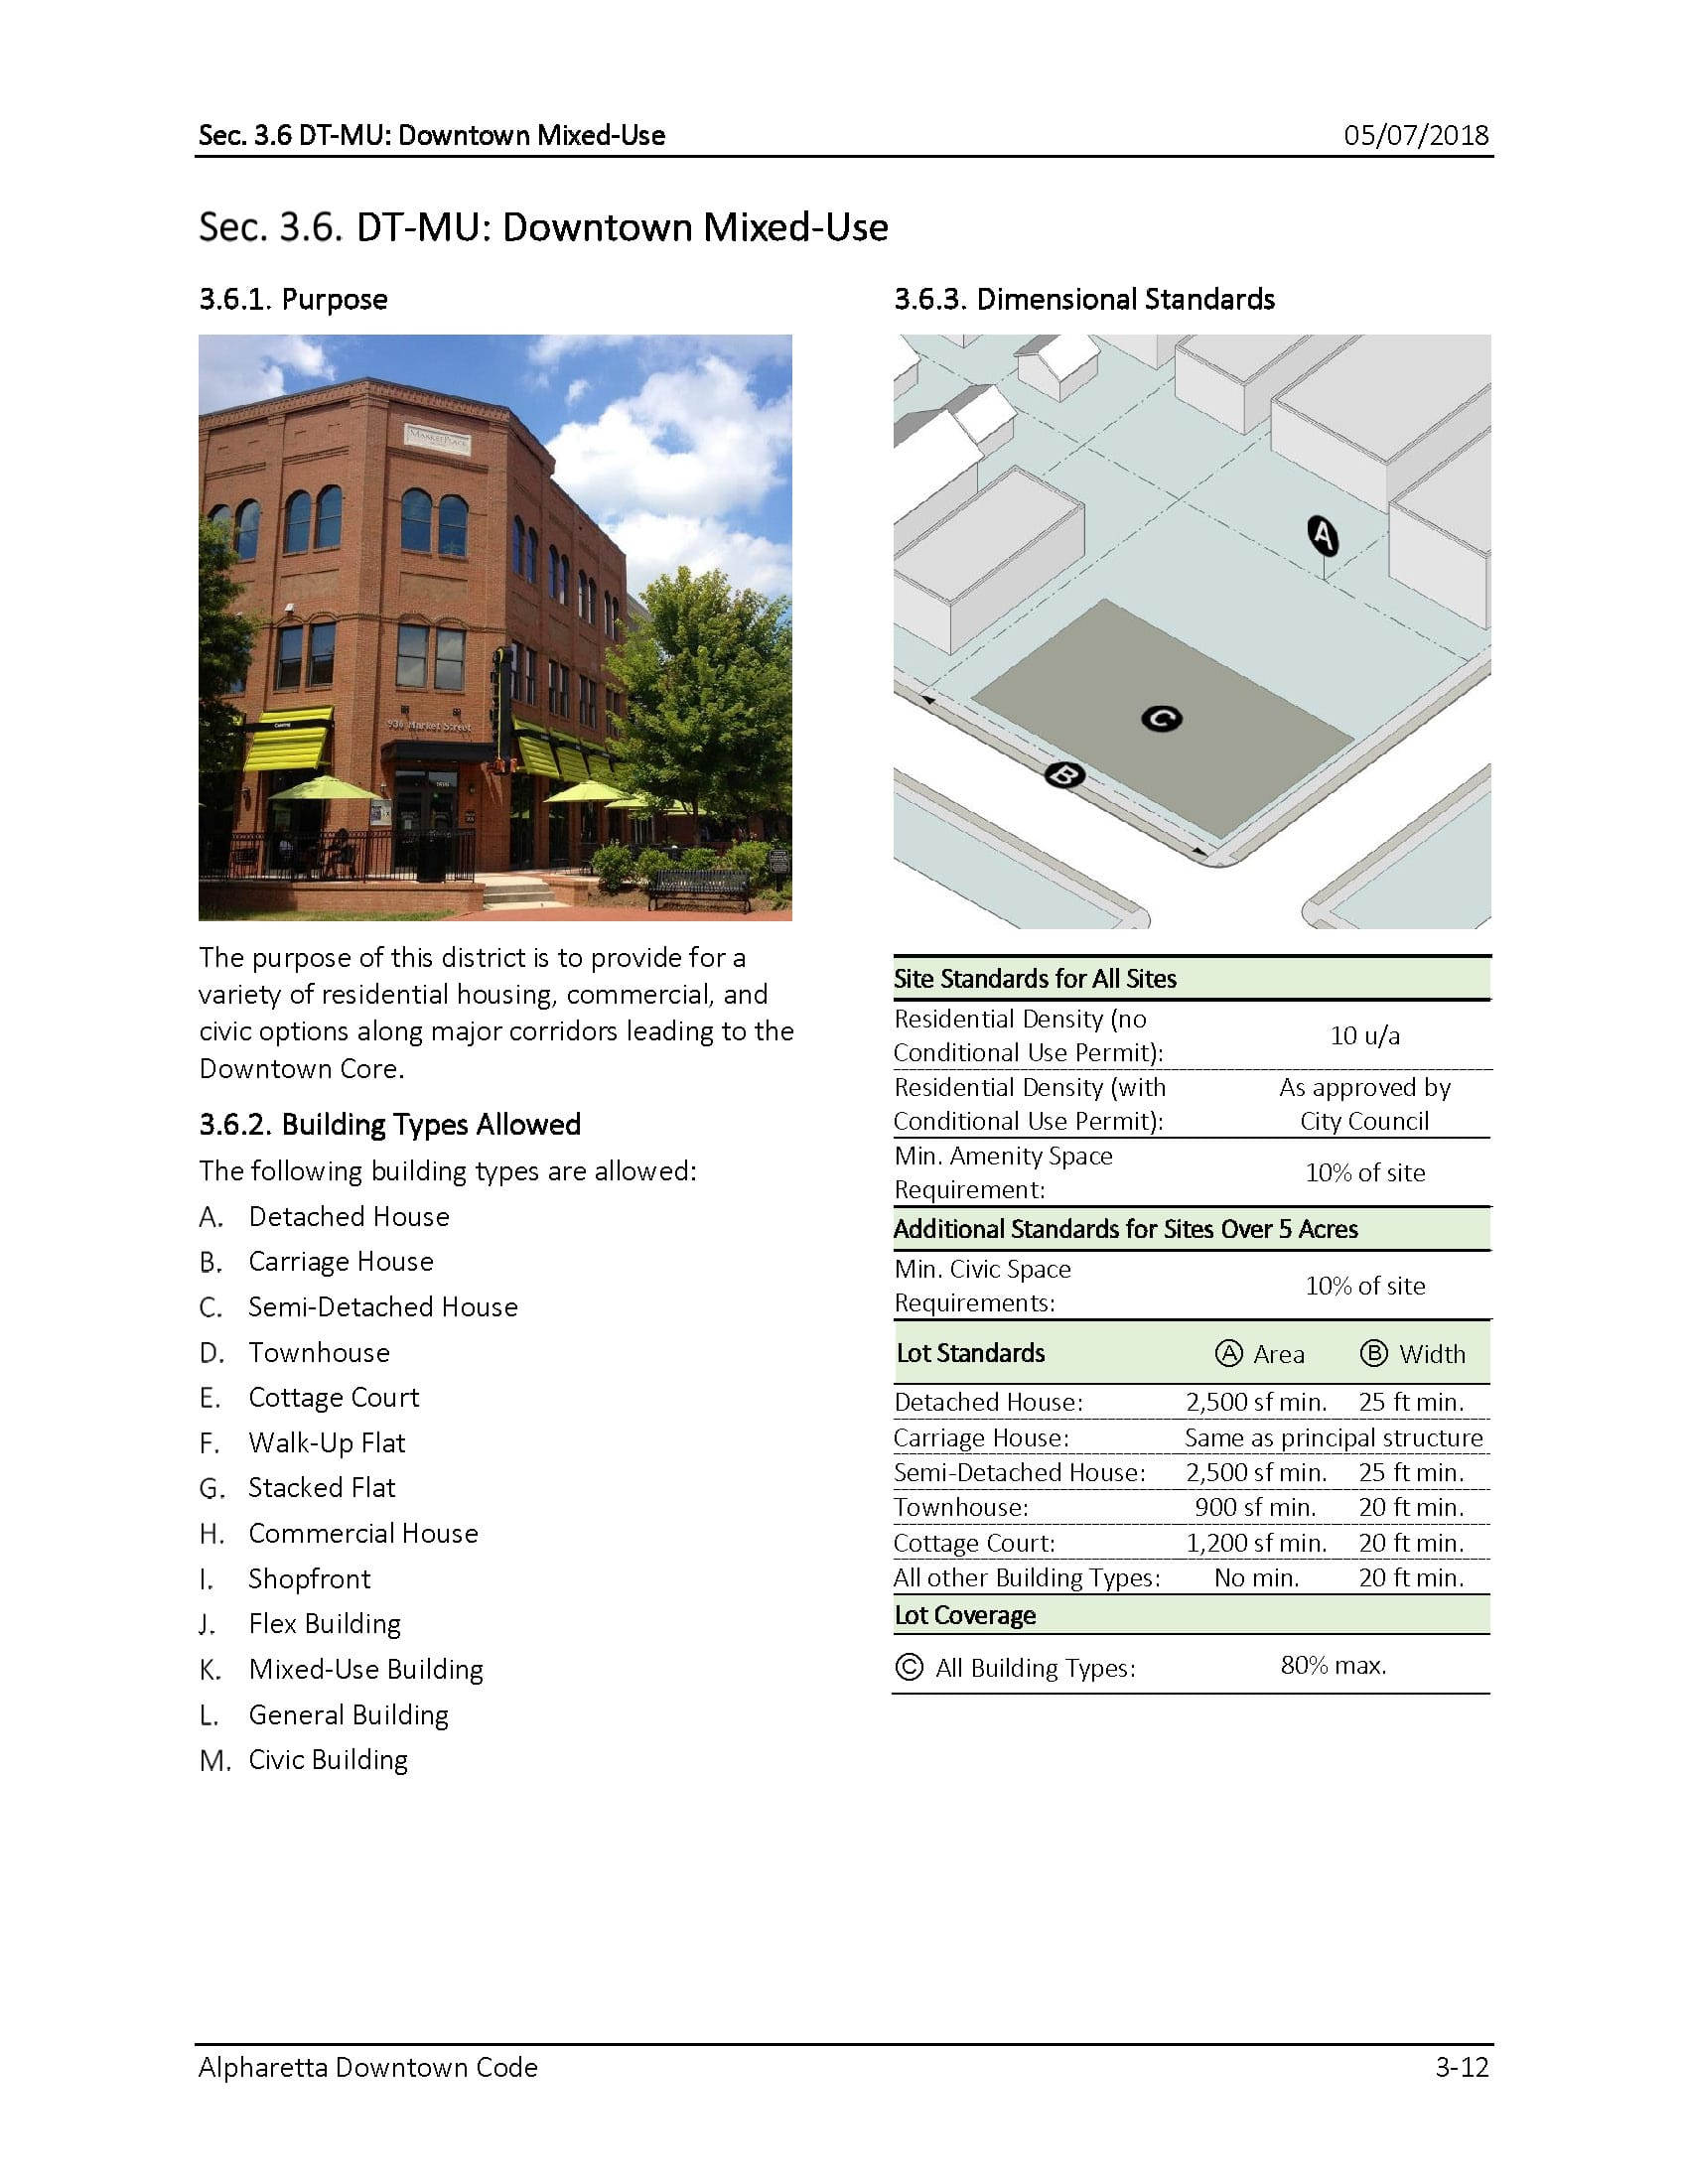 TSW AlpharettaCode-3 Alpharetta Downtown Design Guidelines    TSW